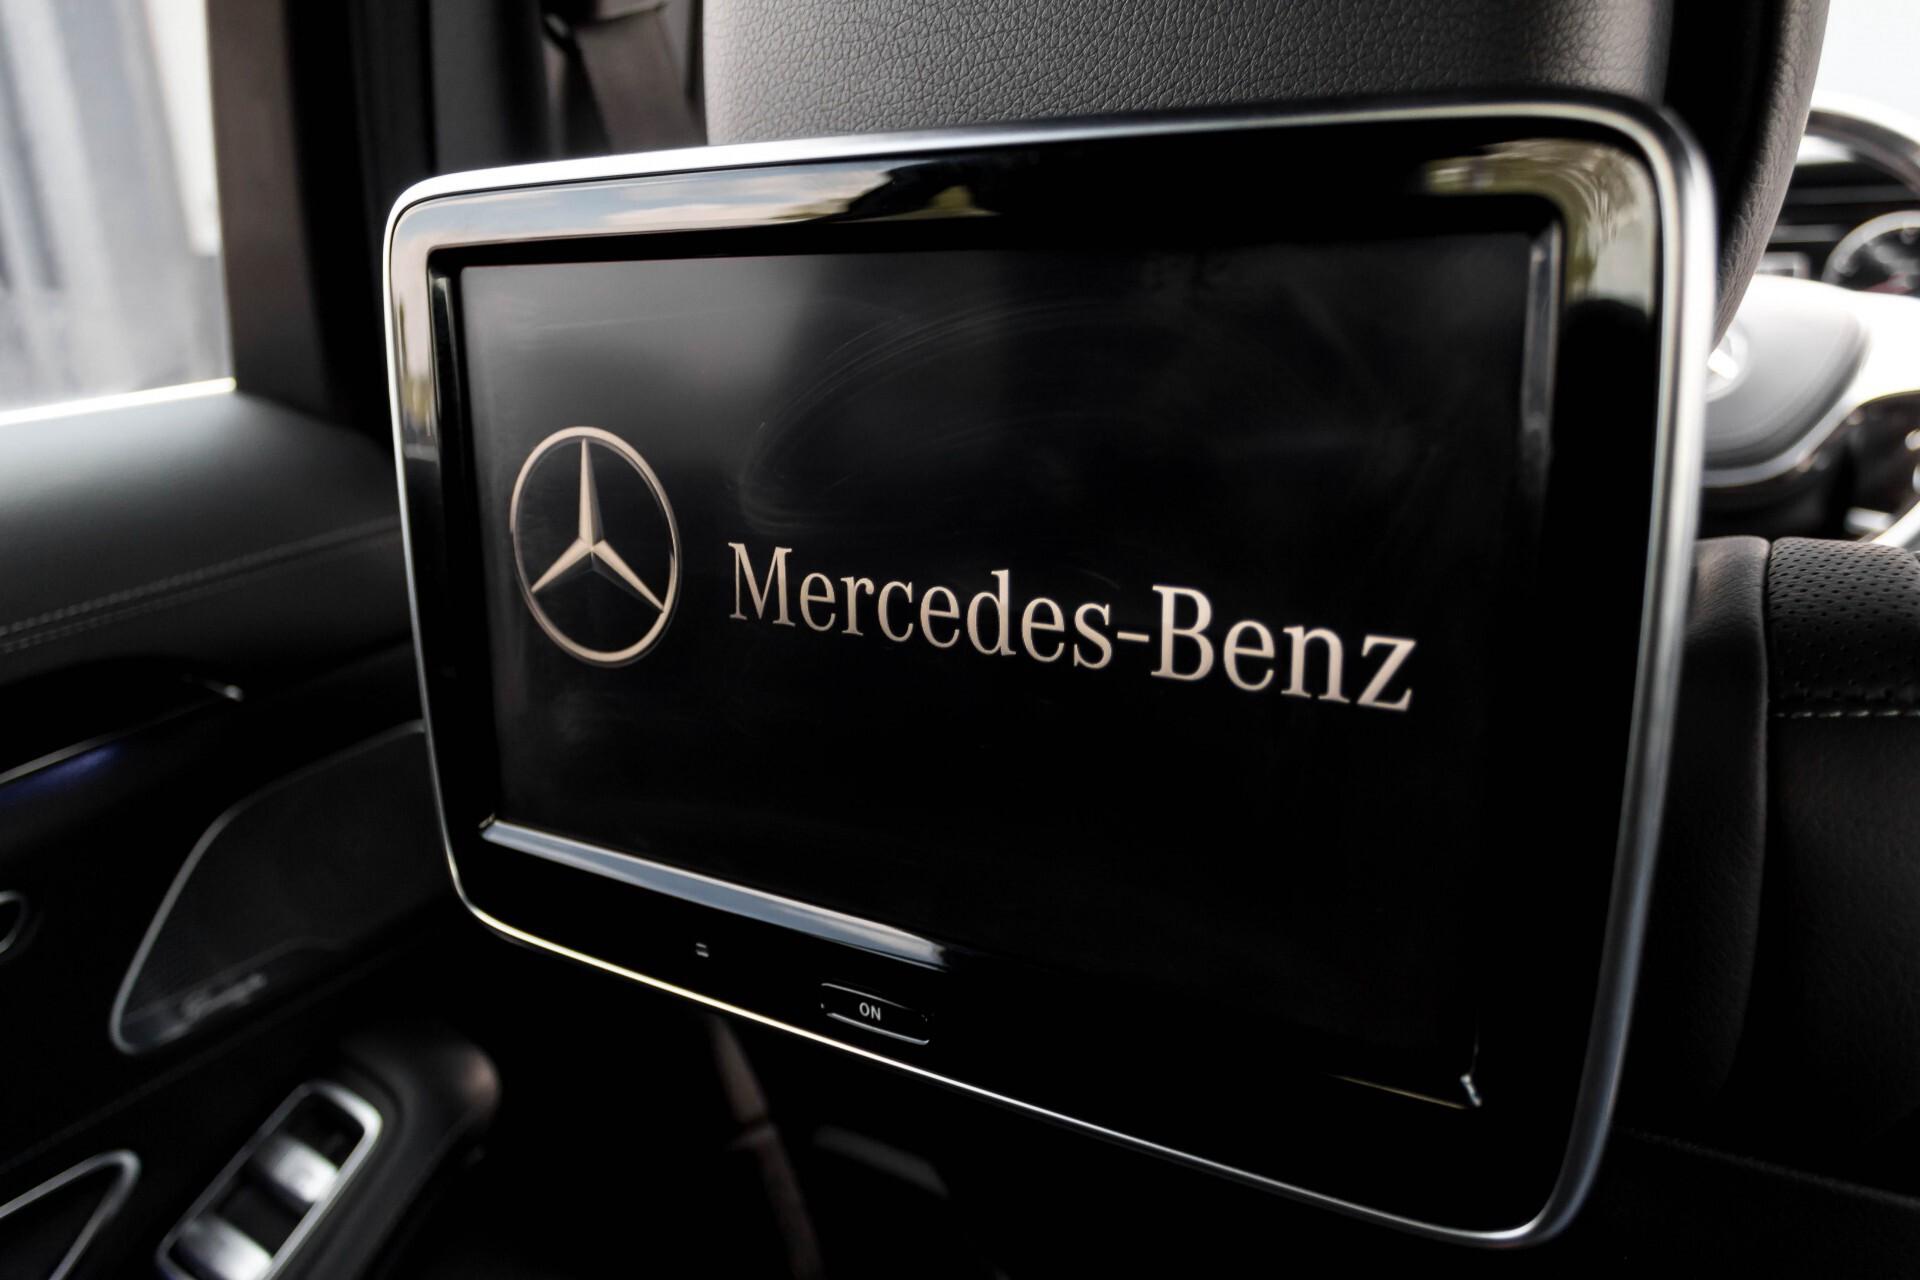 Mercedes-Benz S-Klasse 500 4M AMG Panorama/Standkachel/Massage/Entertainment/TV Aut7 Foto 54